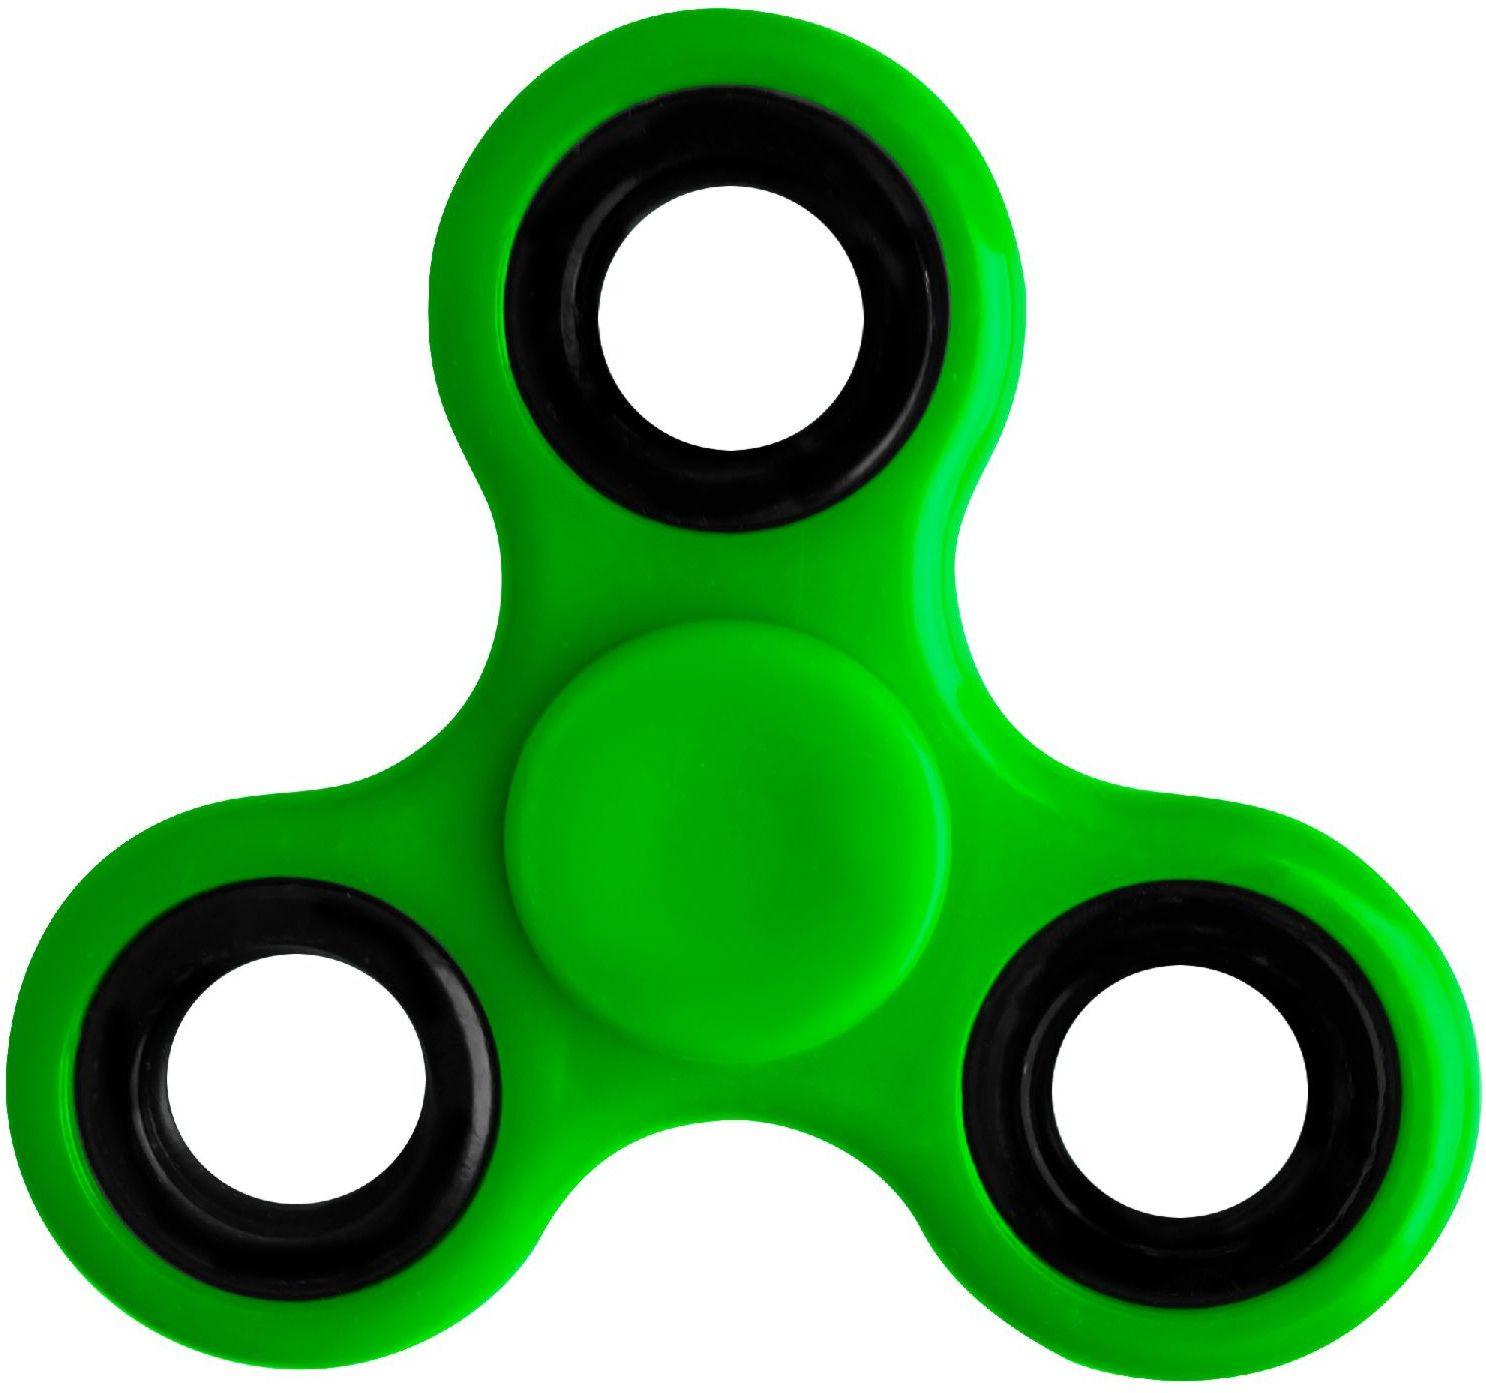 Спиннер пластиковый P21 (зеленый)P21 – 3-х лопастной спиннер с металлическими утяжелителями. Время инерционного вращения – более 2-х минут.<br>